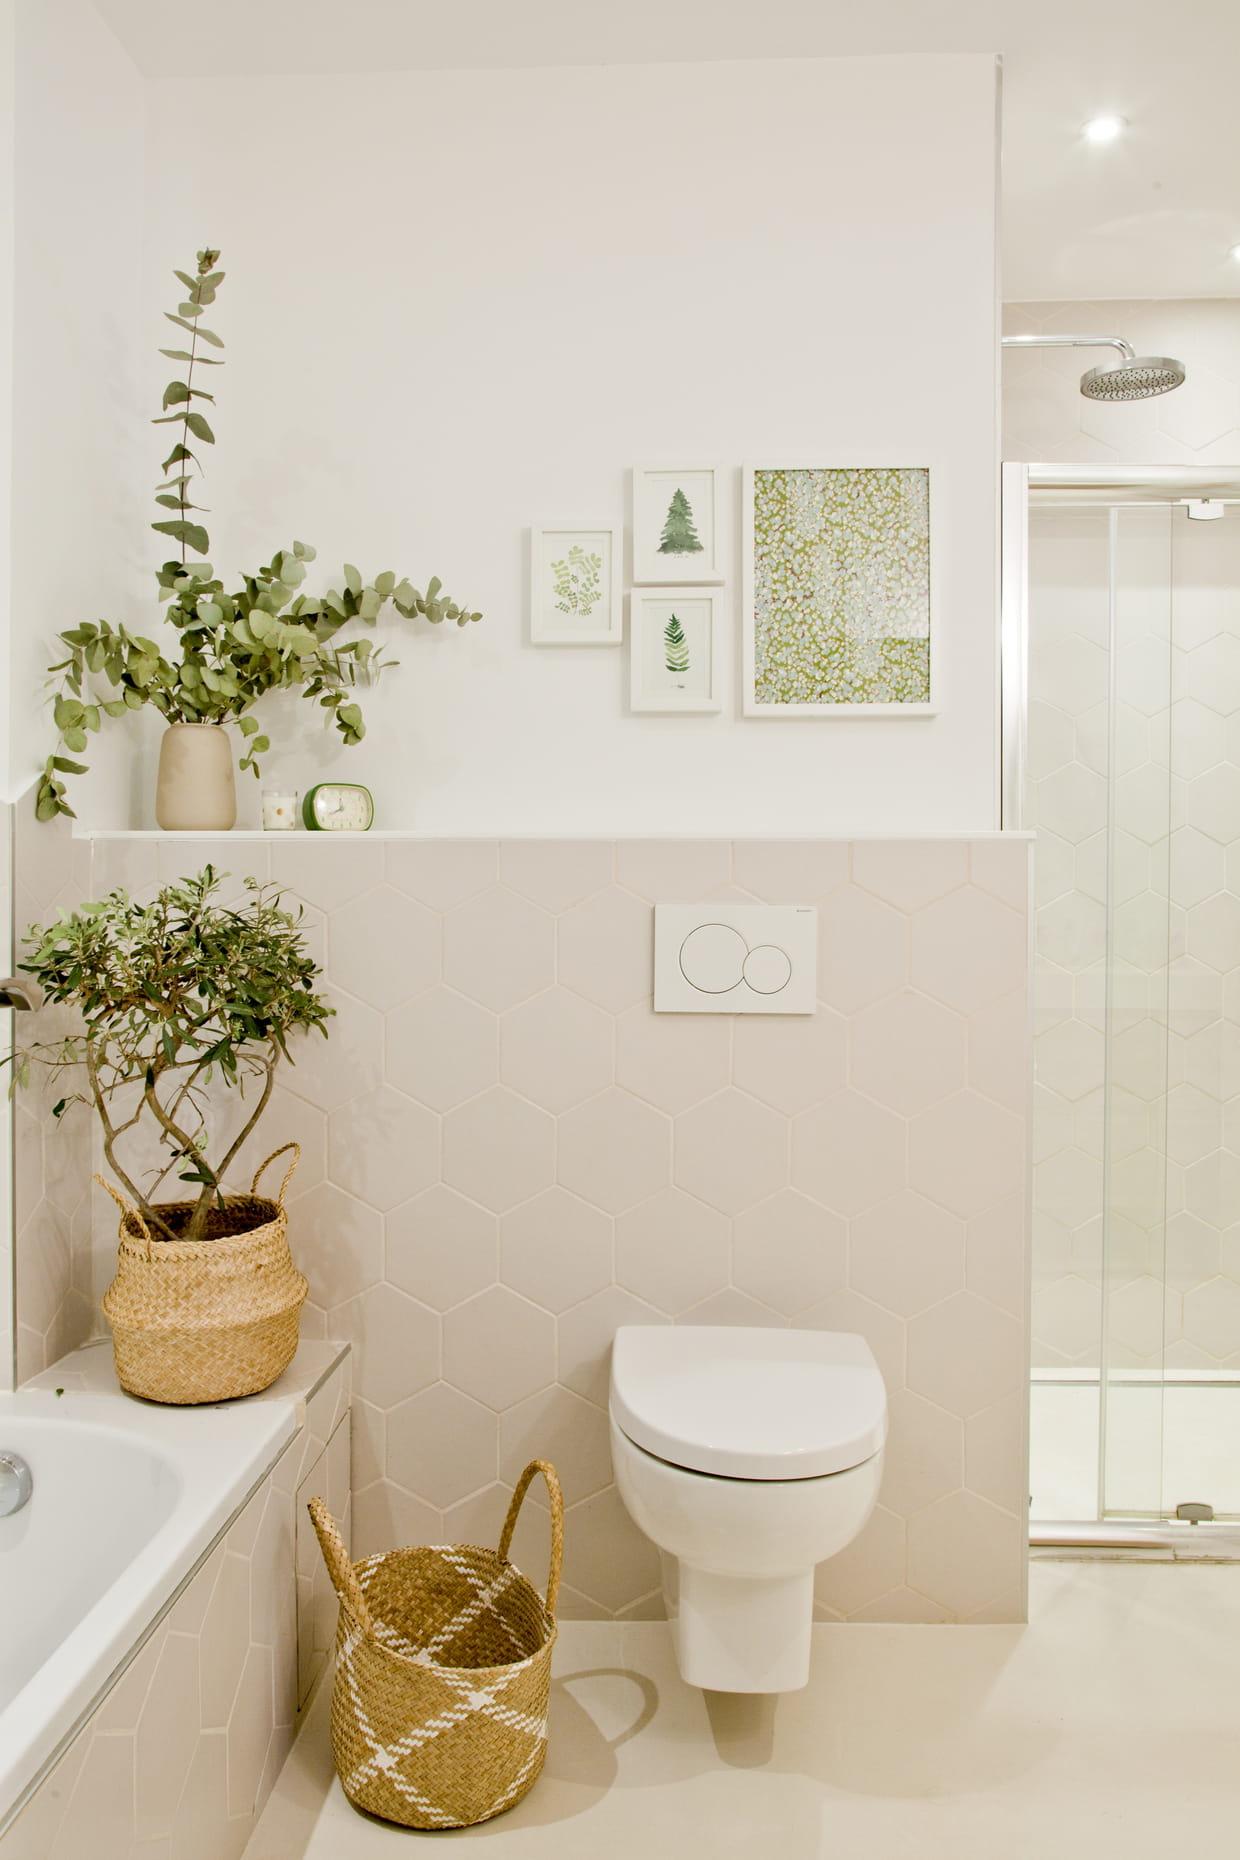 des wc d 39 inspiration nature. Black Bedroom Furniture Sets. Home Design Ideas